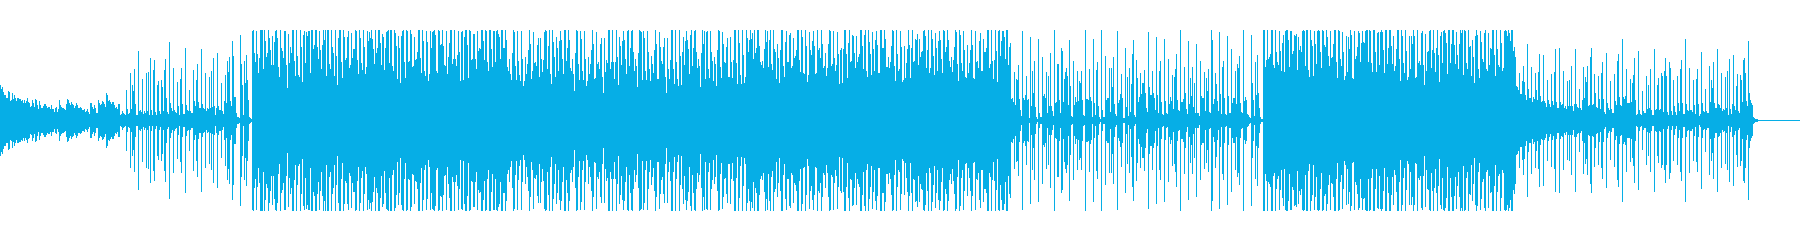 【パターン1-2】明るく元気なポップスの再生済みの波形